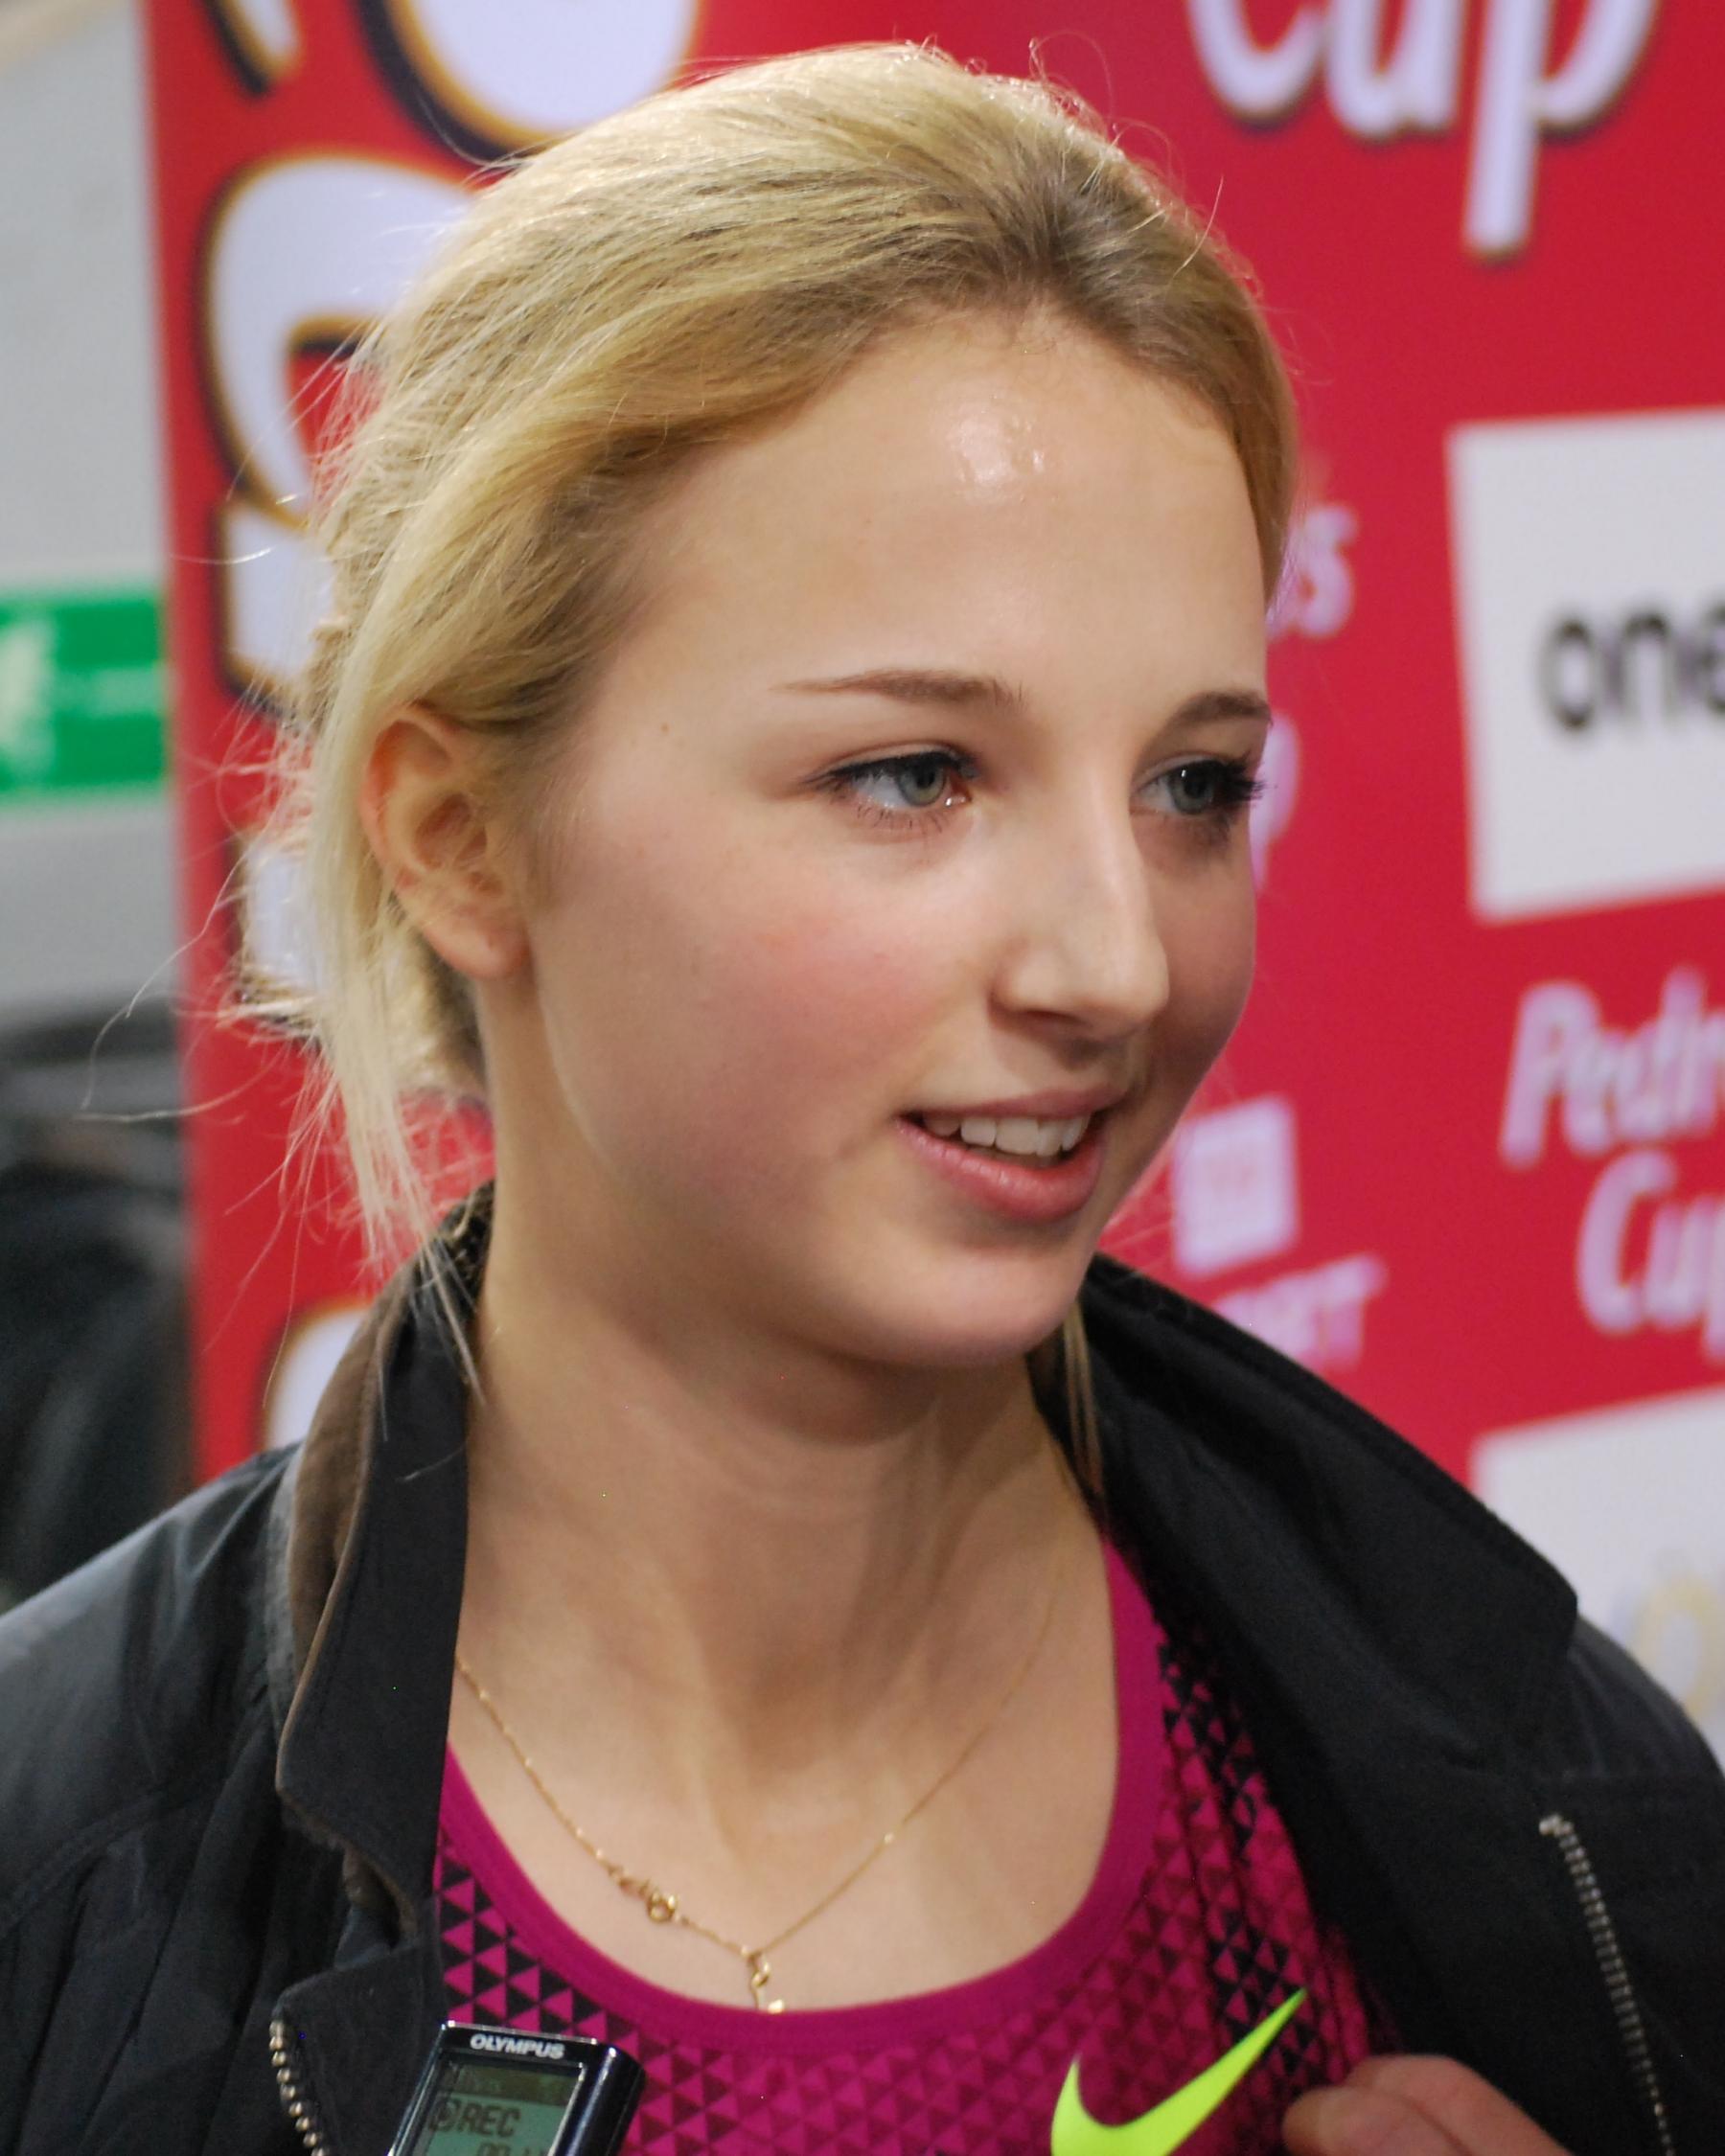 Mistrzostwa Europy w lekkiej atletyce: Karolina Kołeczek szósta w finale